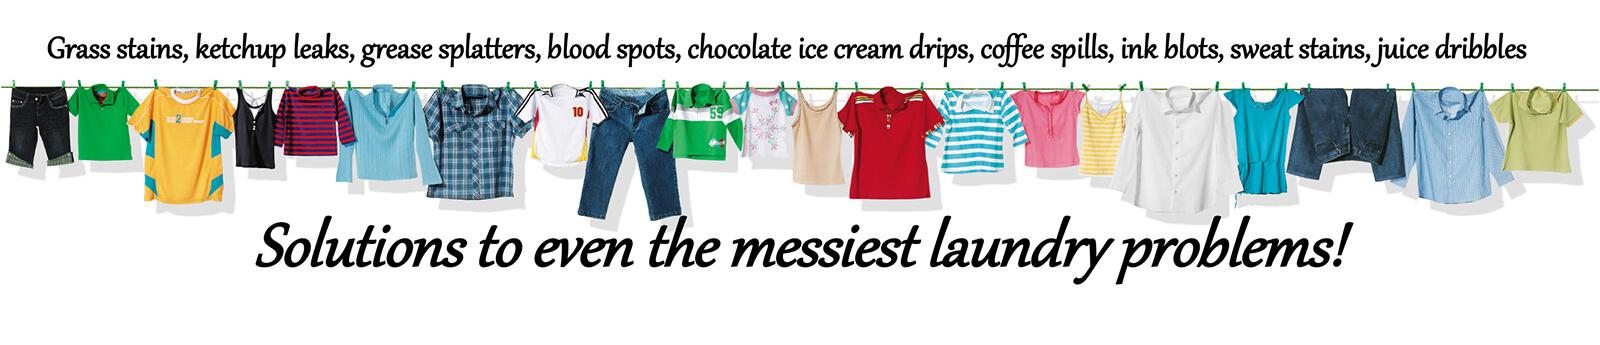 laundry-banner-opt.jpg